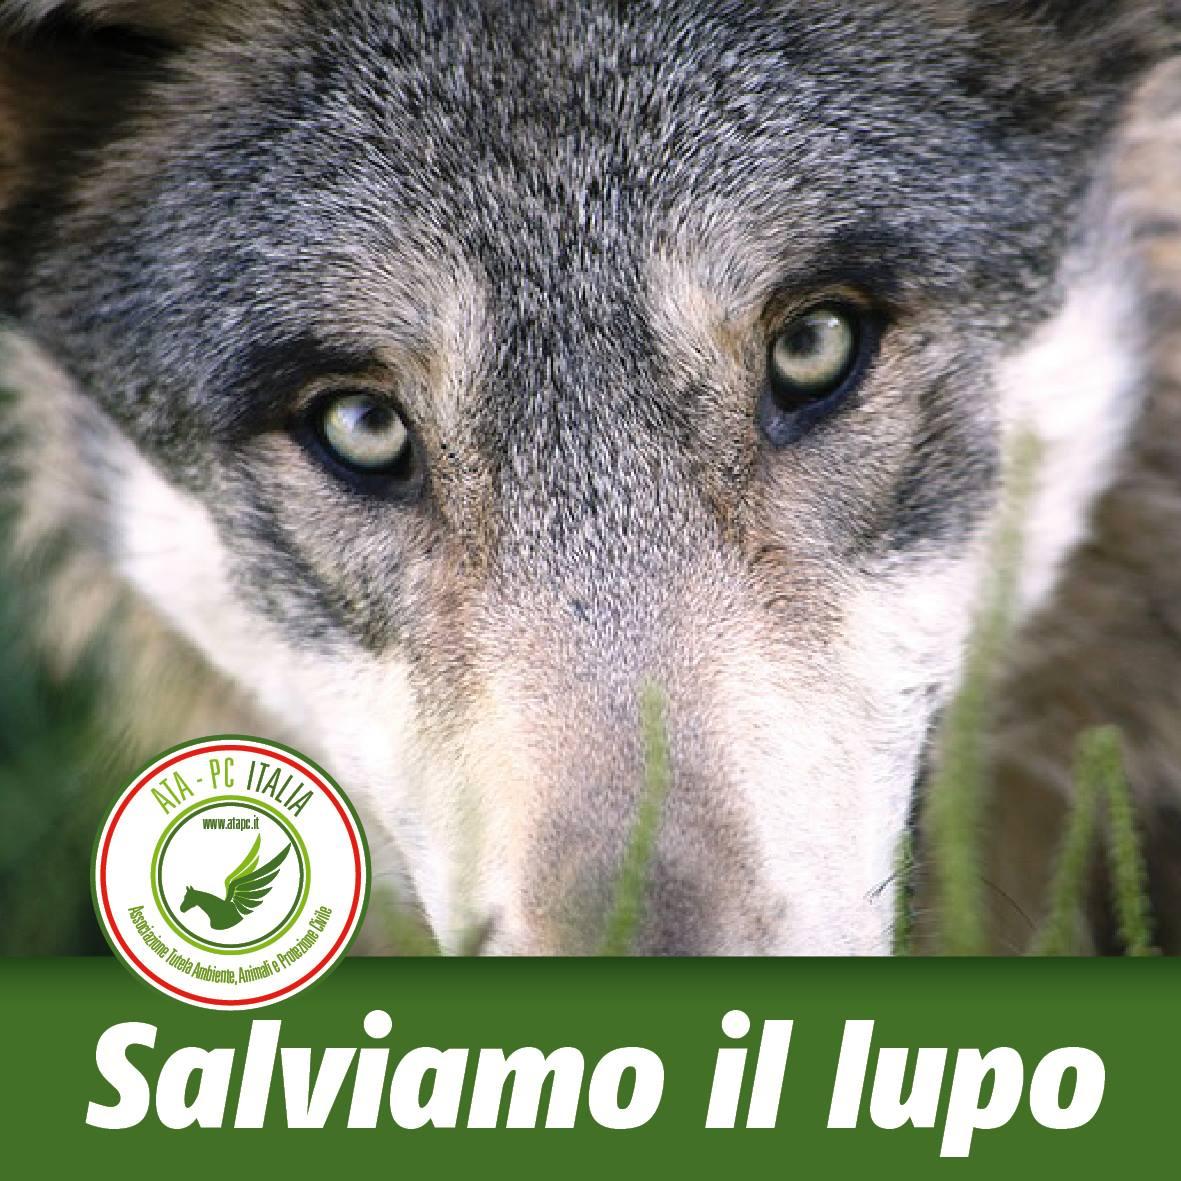 salviamo-il-lupo